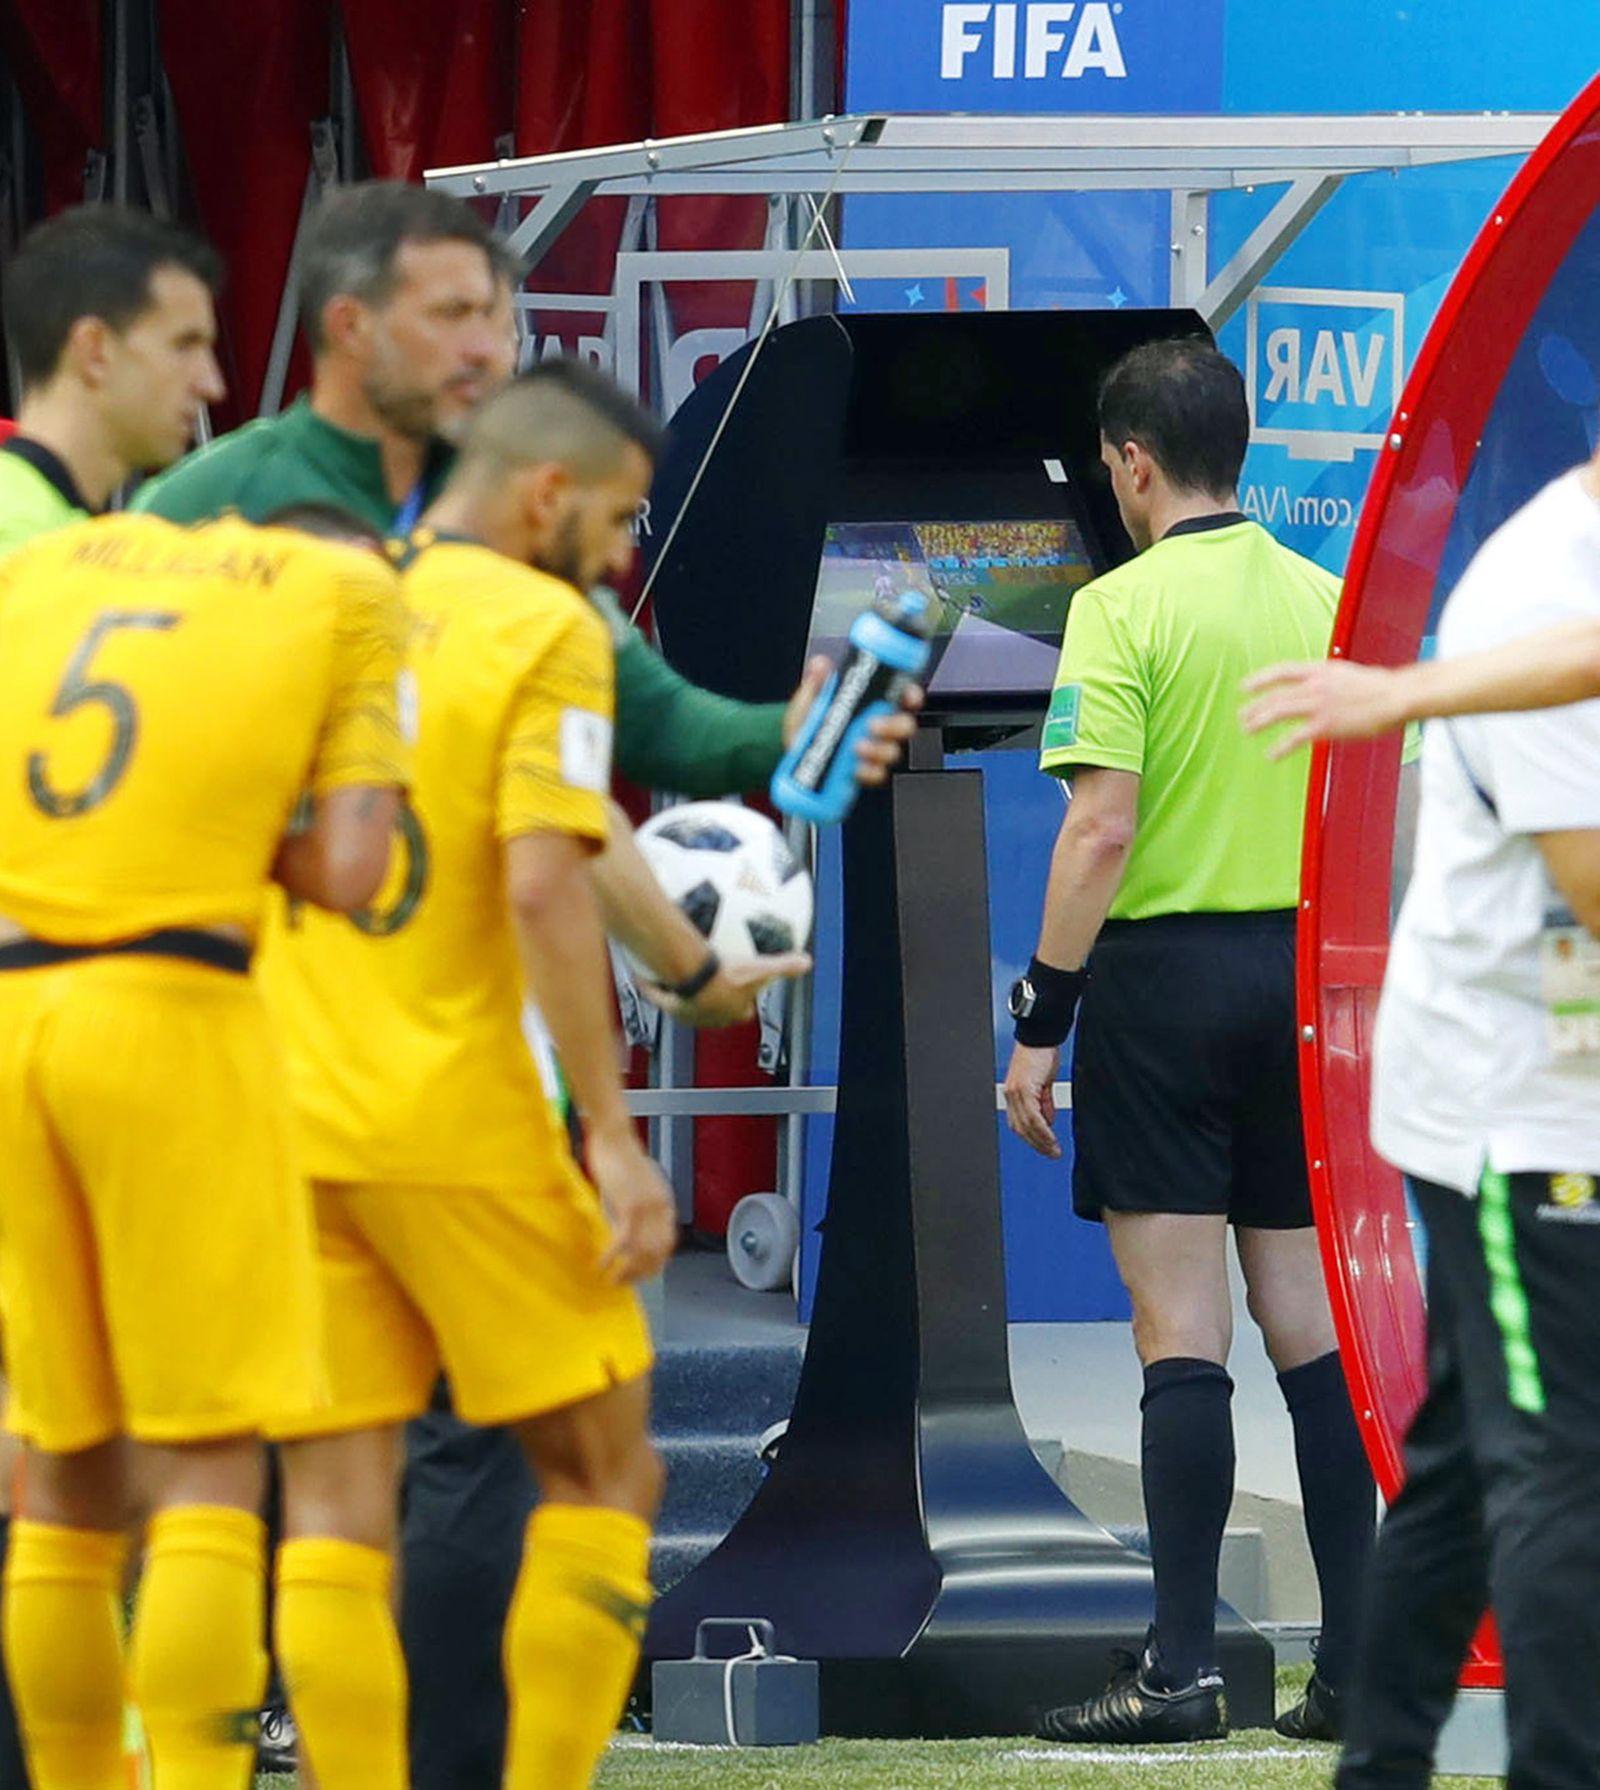 WM 2018/ Frankreich/ Australien/ VAR